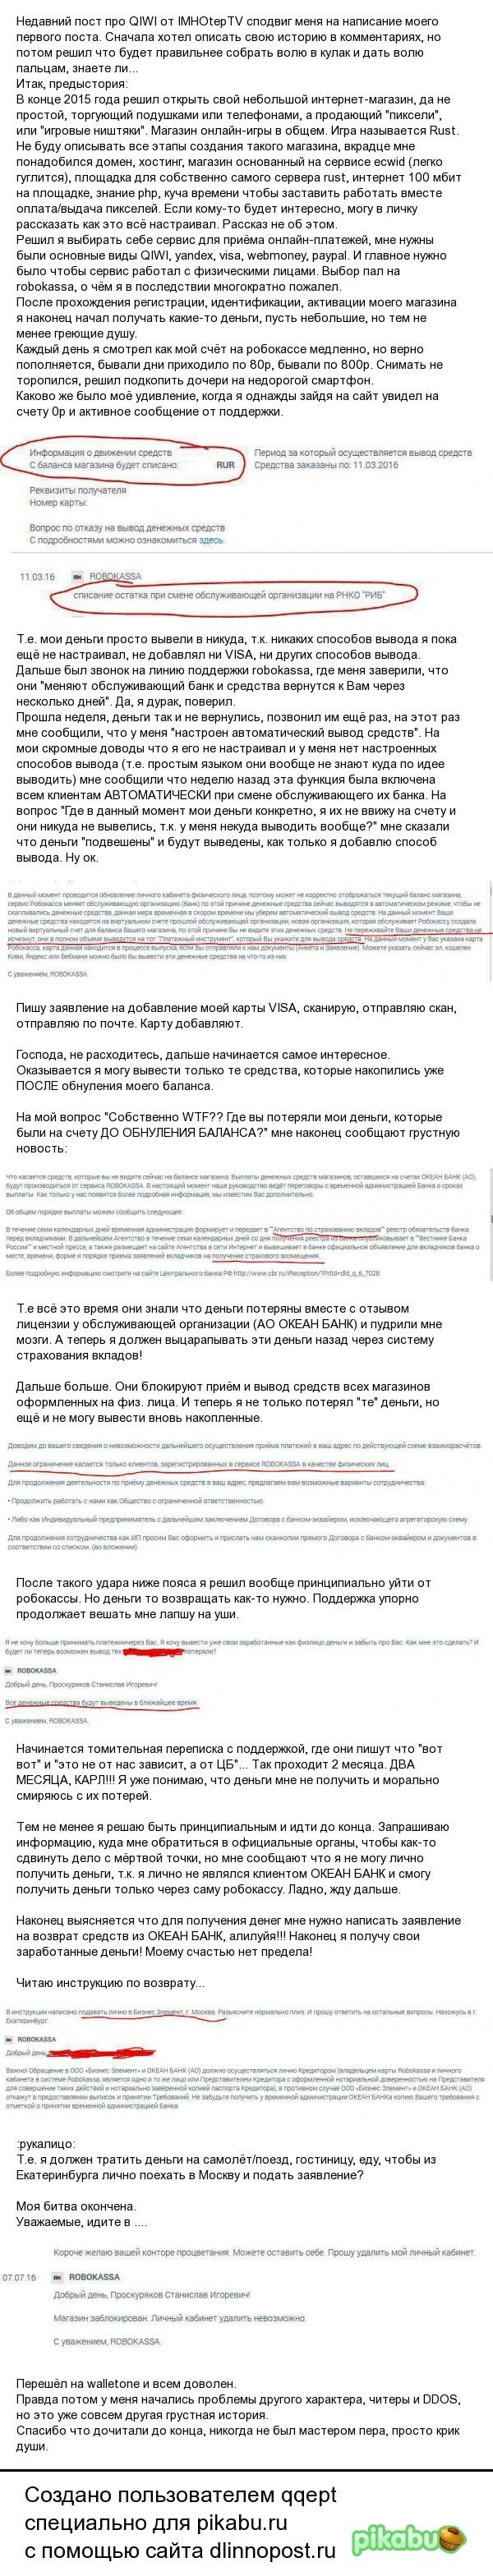 Как я потерял деньги в robokassa.ru Robokassa, Потеря, Клиентонеориентированность, Длиннопост, Rust, Грусть